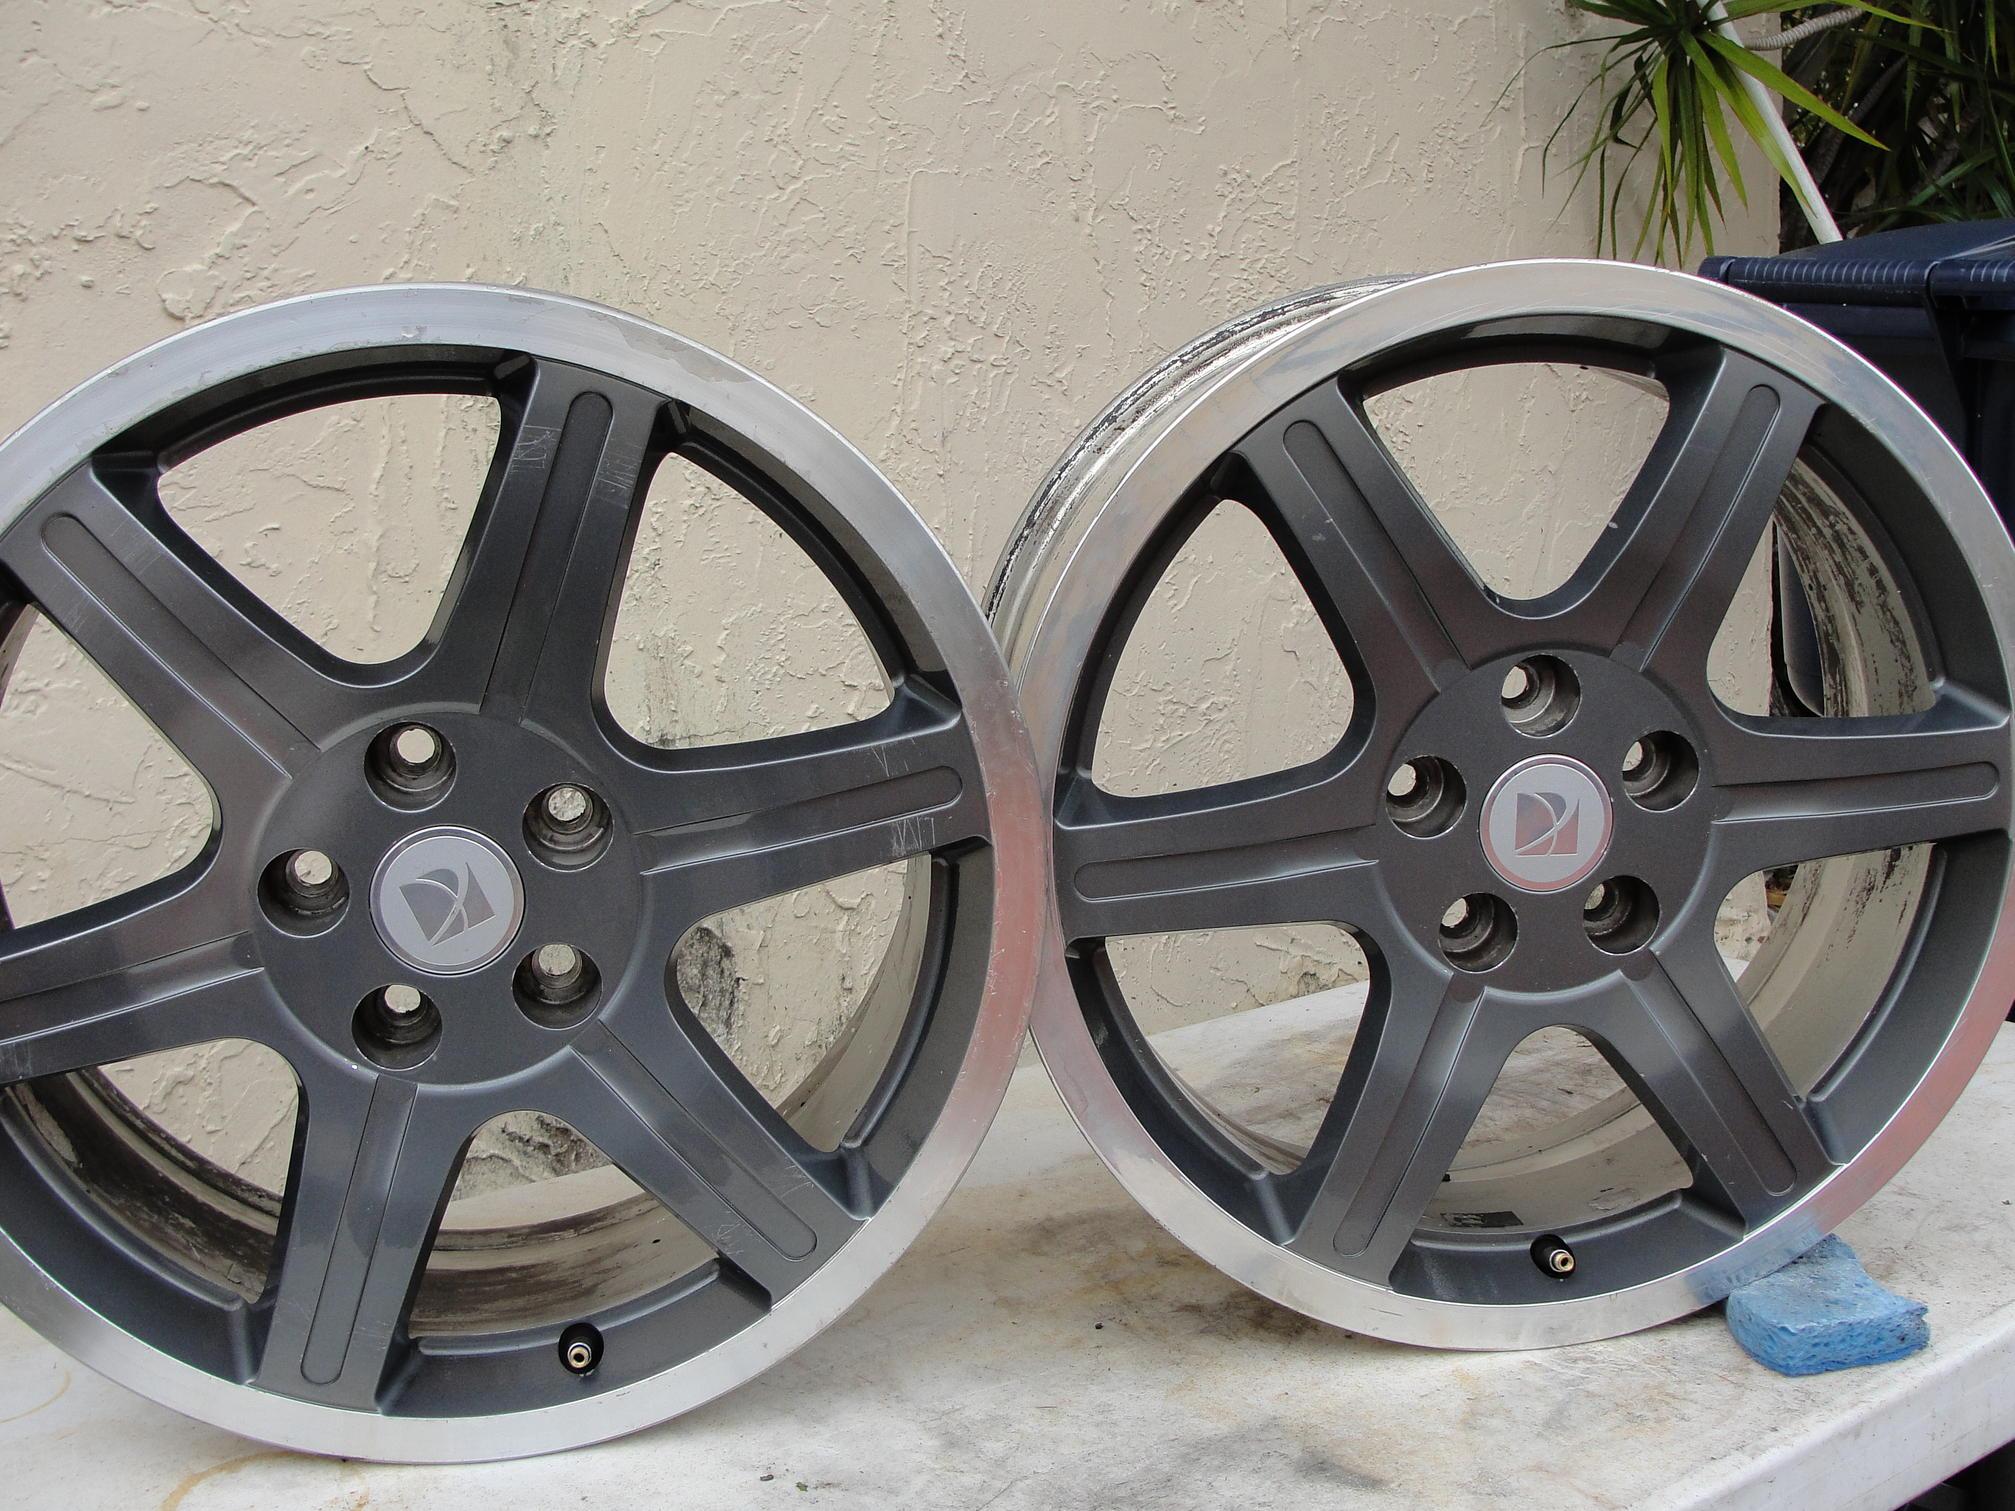 Ion redline wheels for sale - Saturn ION RedLine Forums